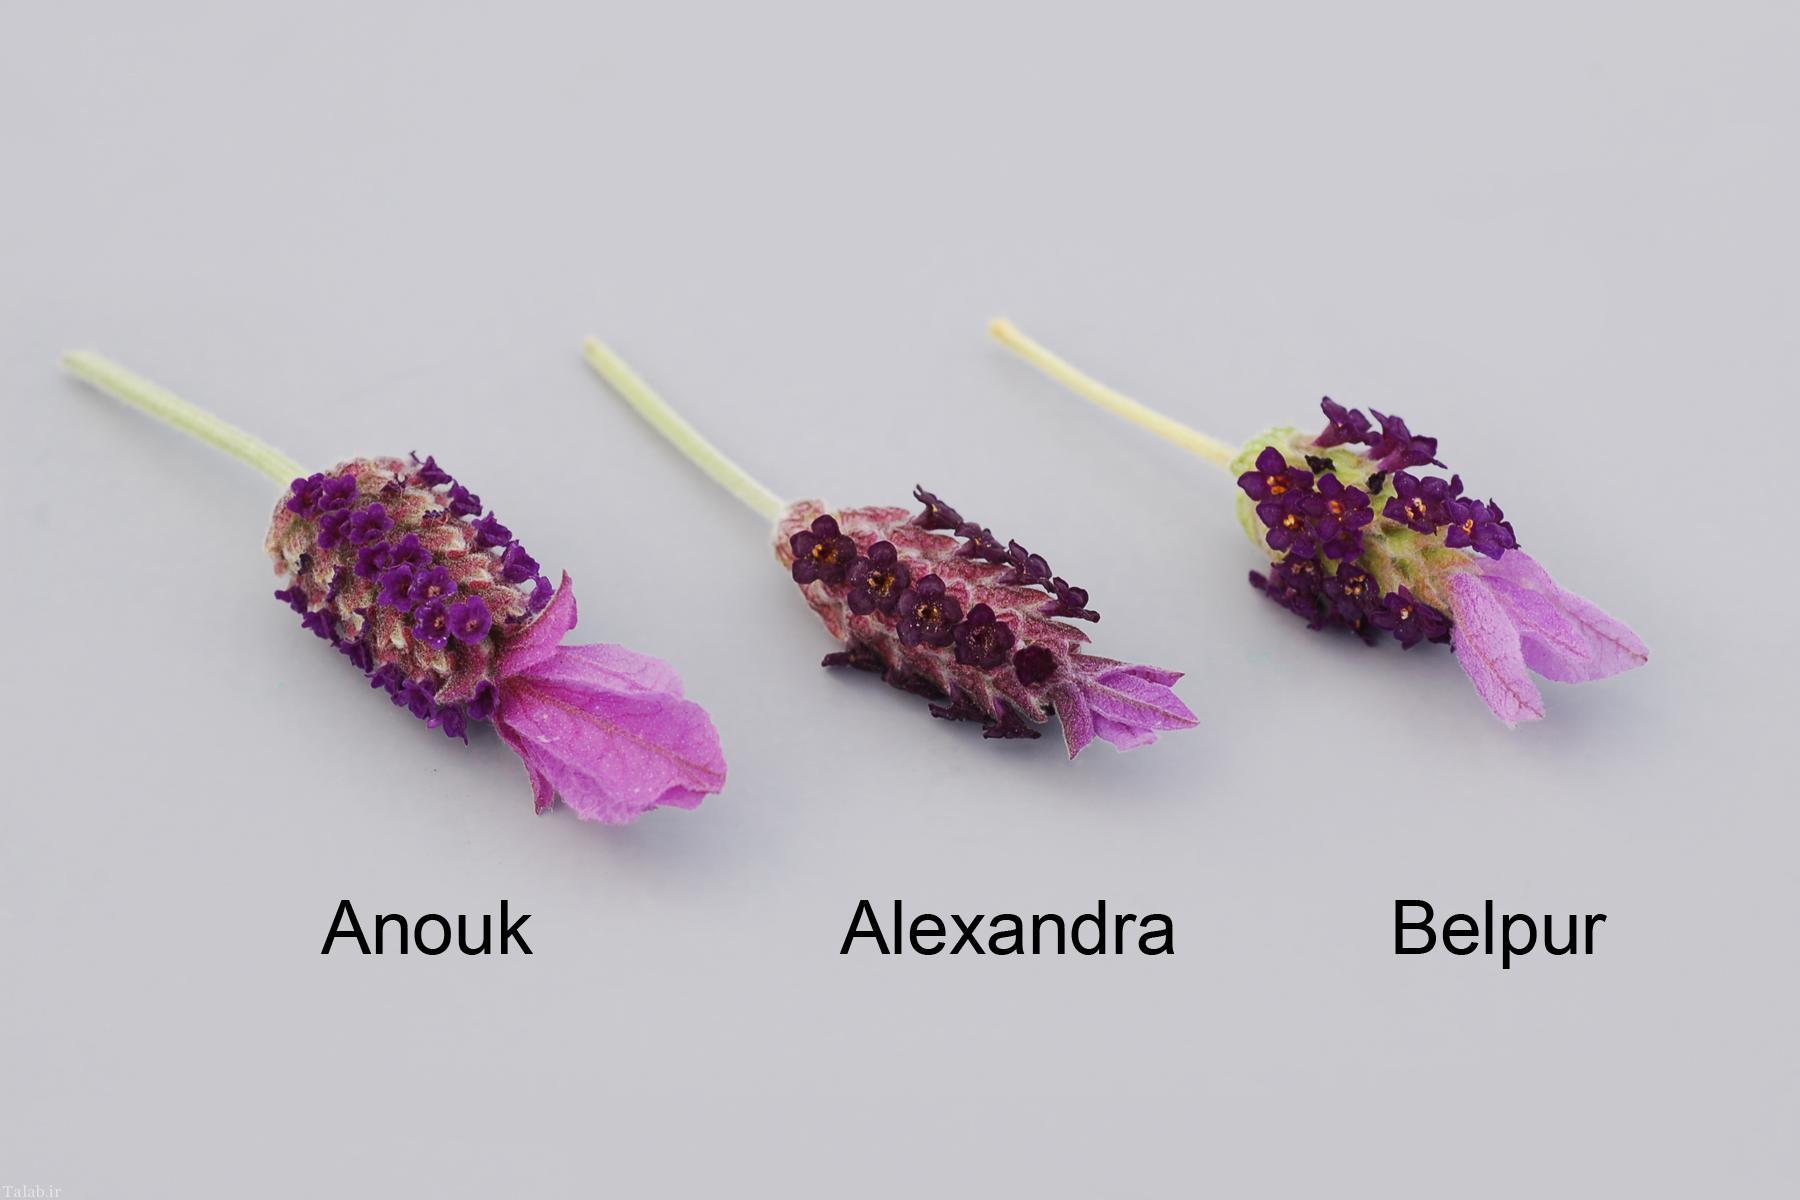 خواص گیاهی اسطوخودوس از دیدگاه طب سنتی